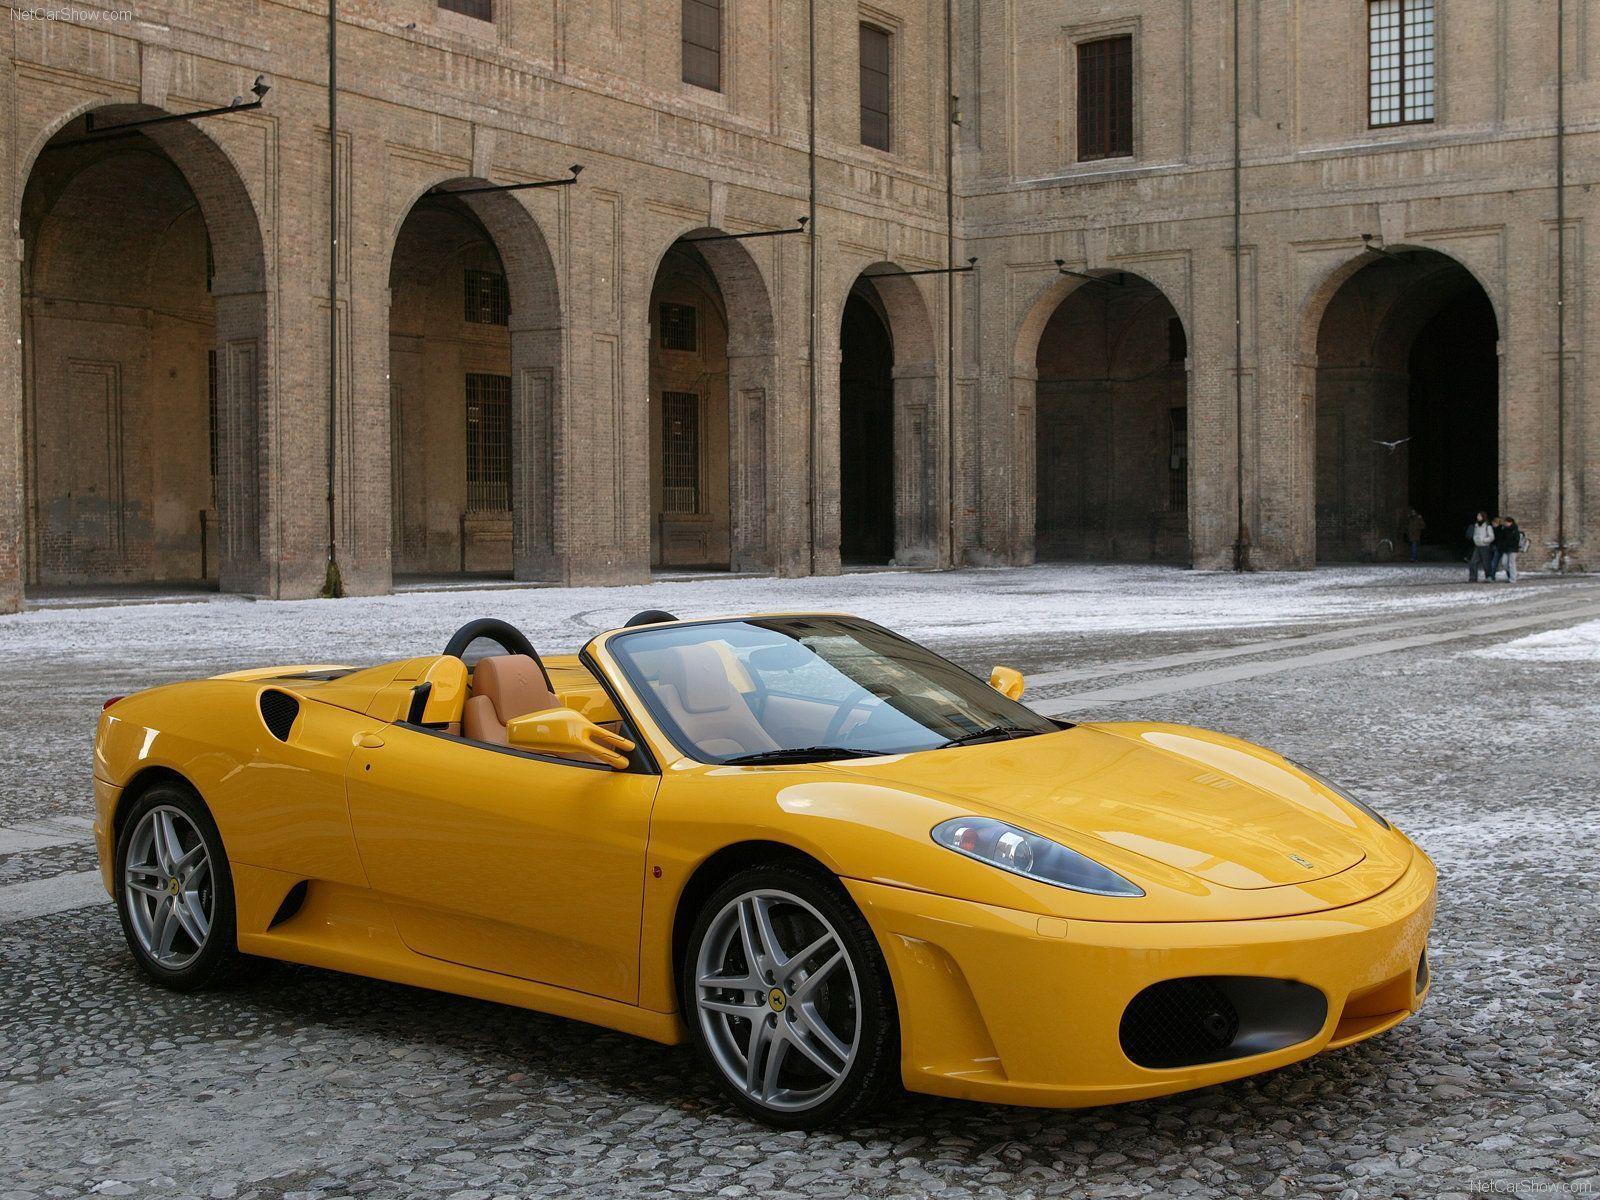 Ferrari F430 Wallpapers - Wallpaper Cave